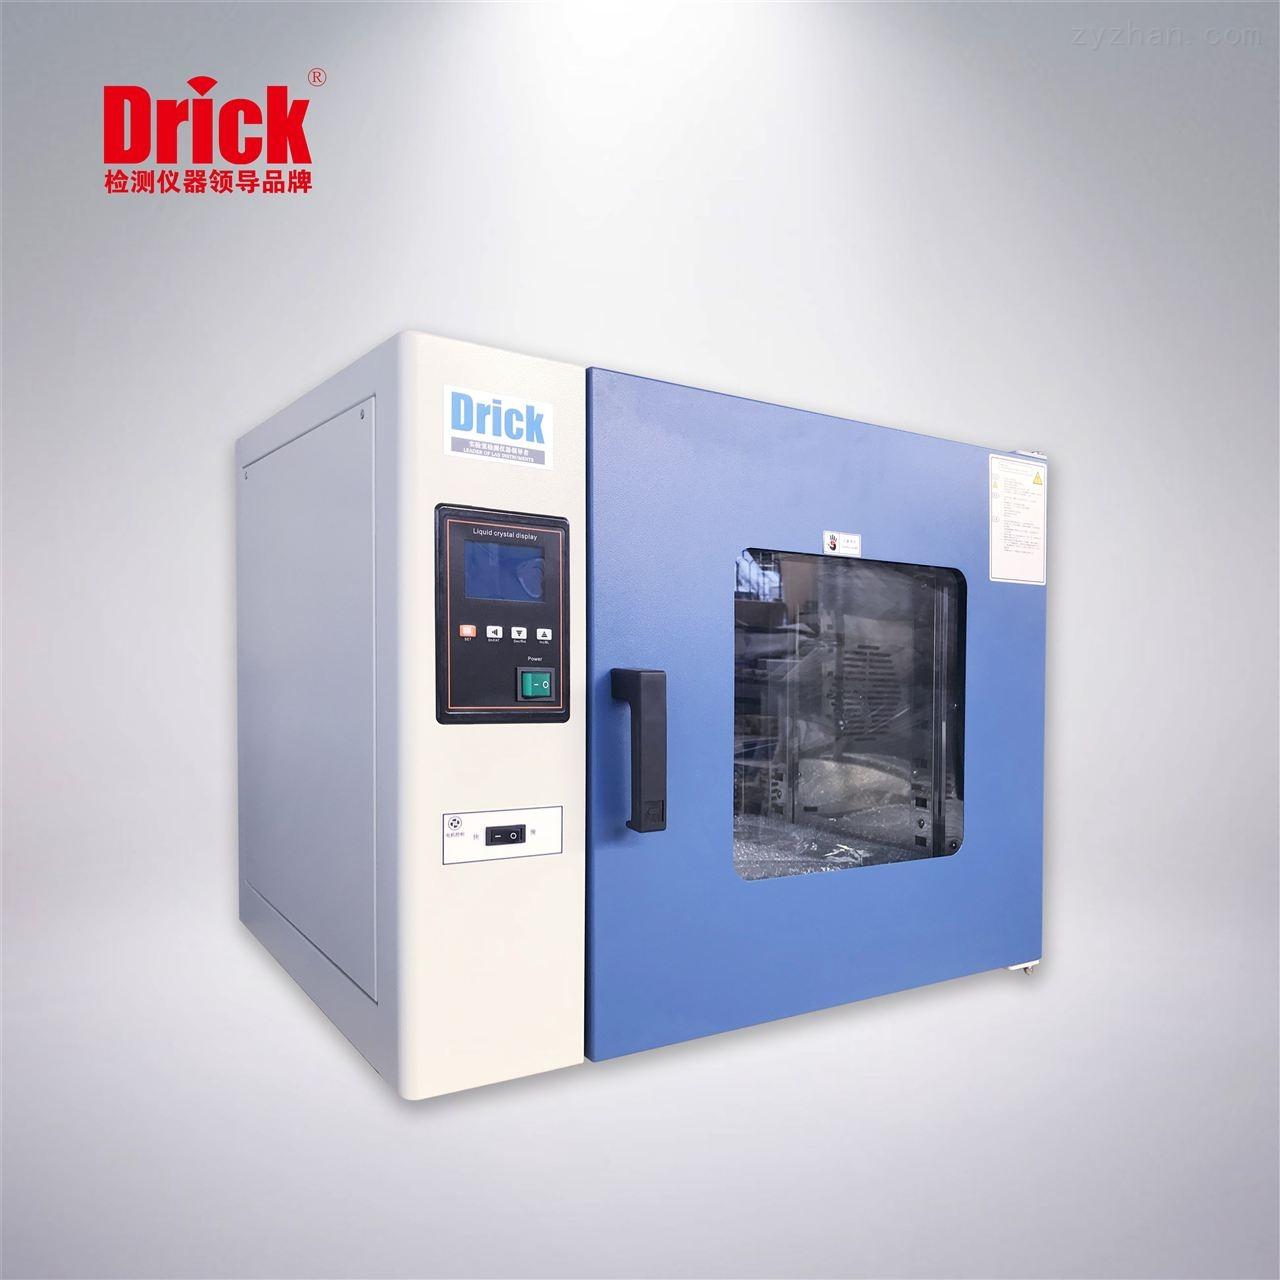 DRK252-干燥箱